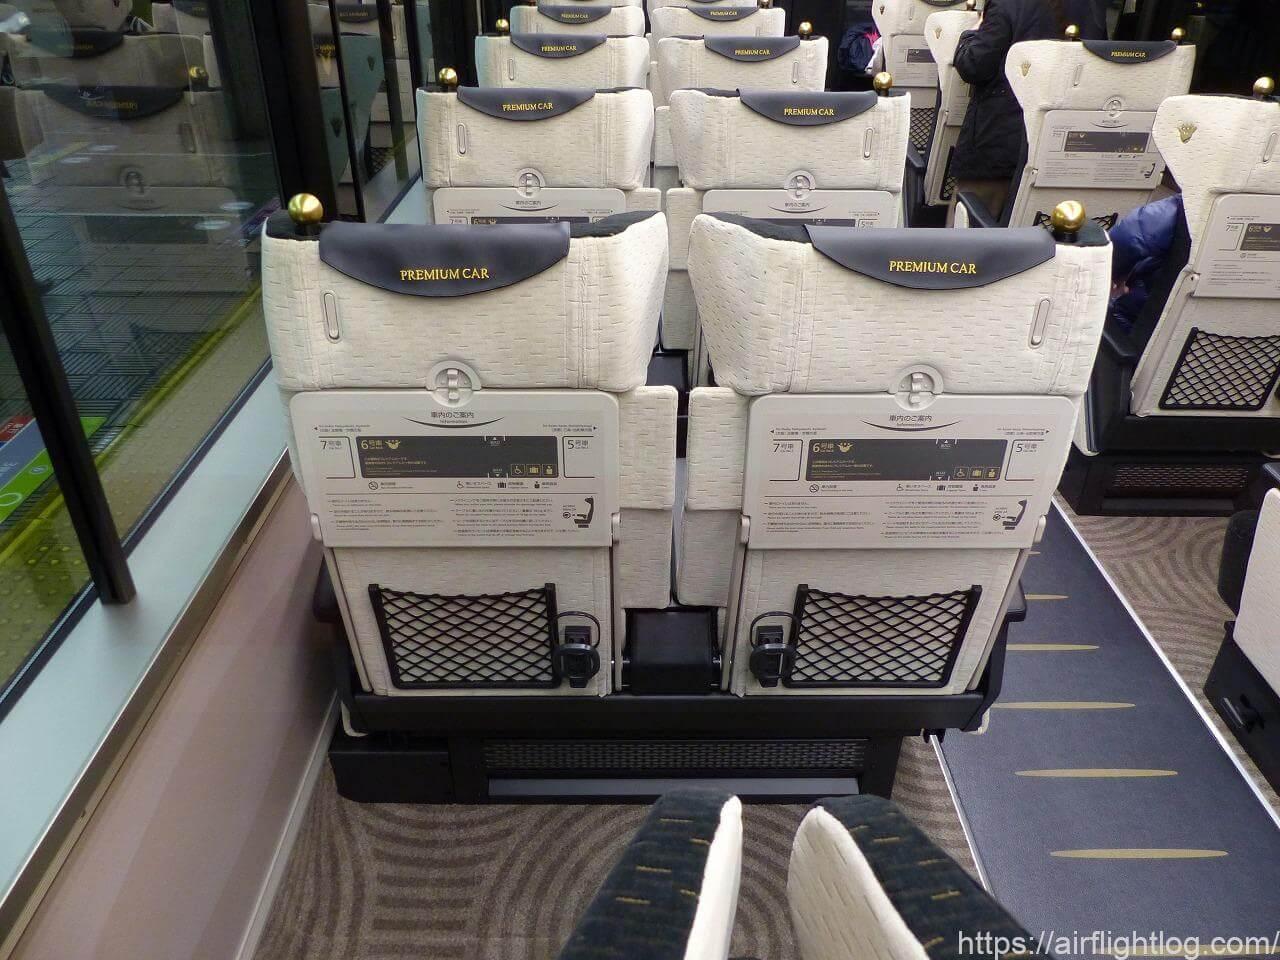 京阪3000系プレミアムカー座席背面